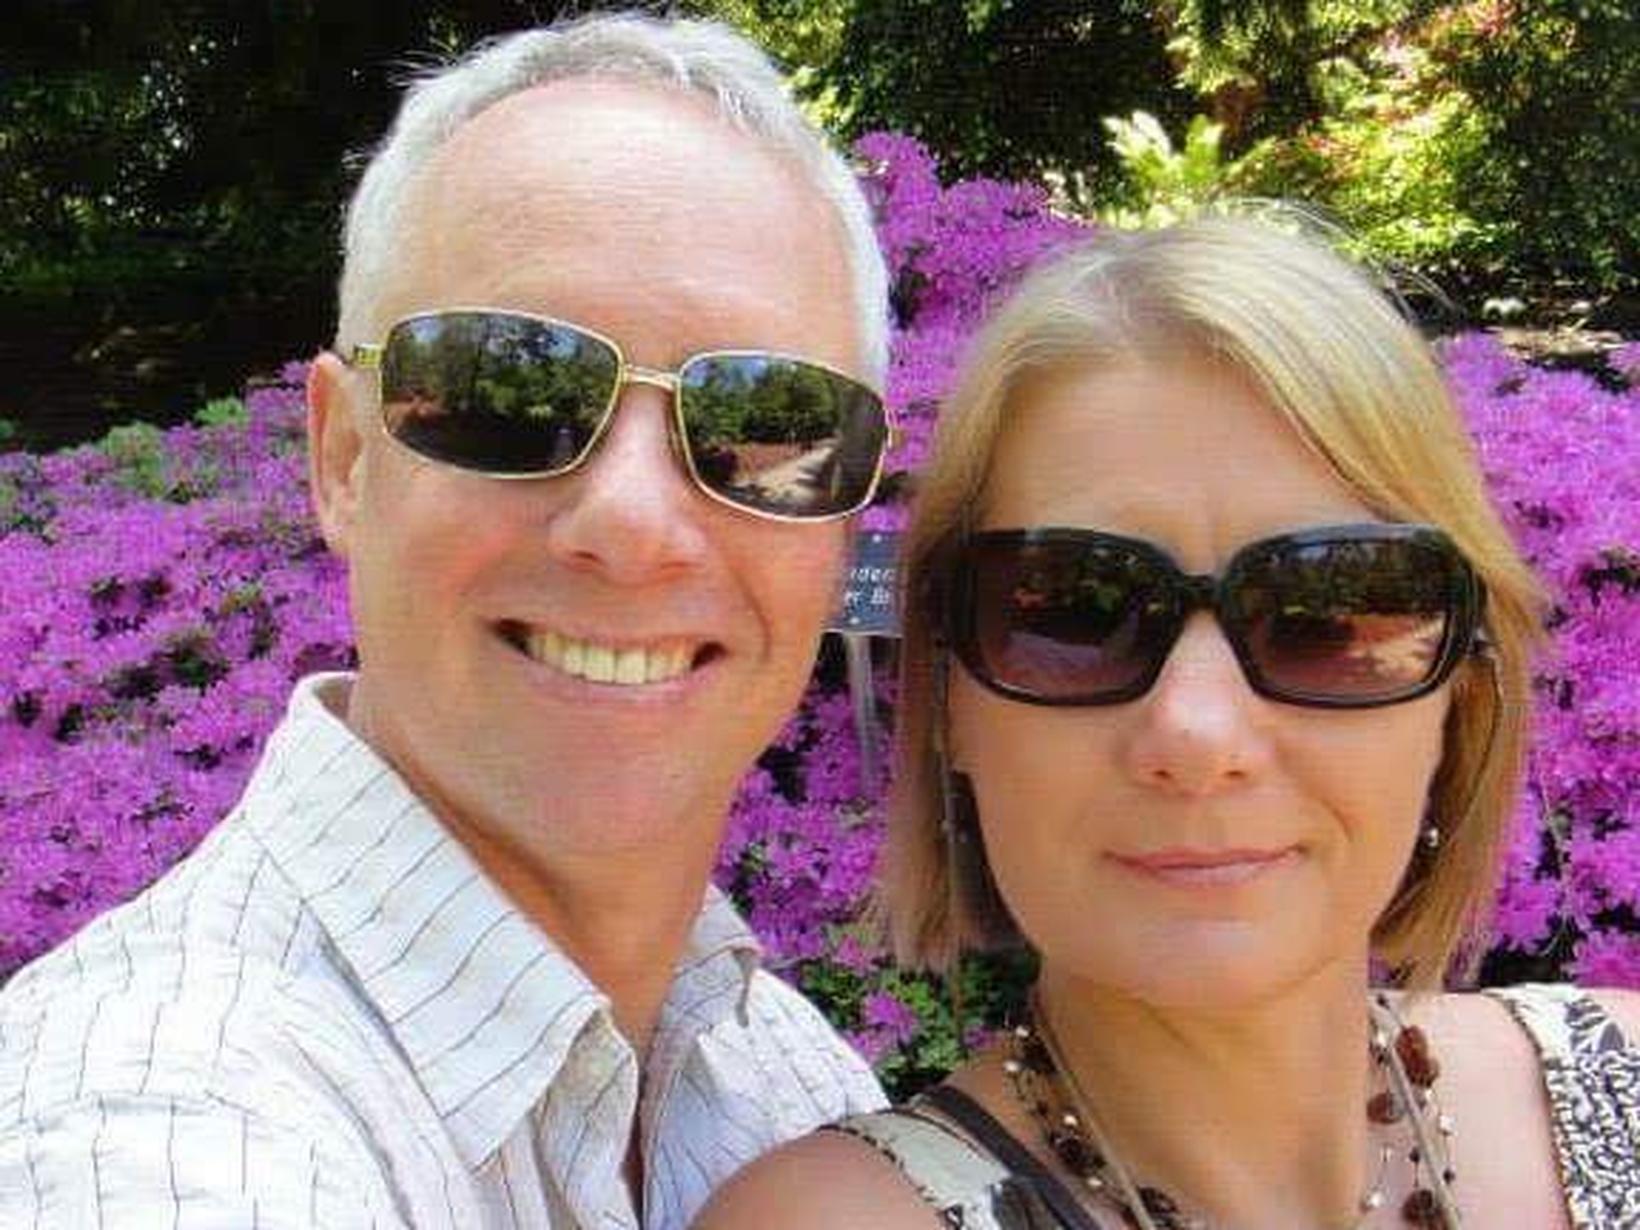 Mark & Tina from Carshalton Beeches, United Kingdom